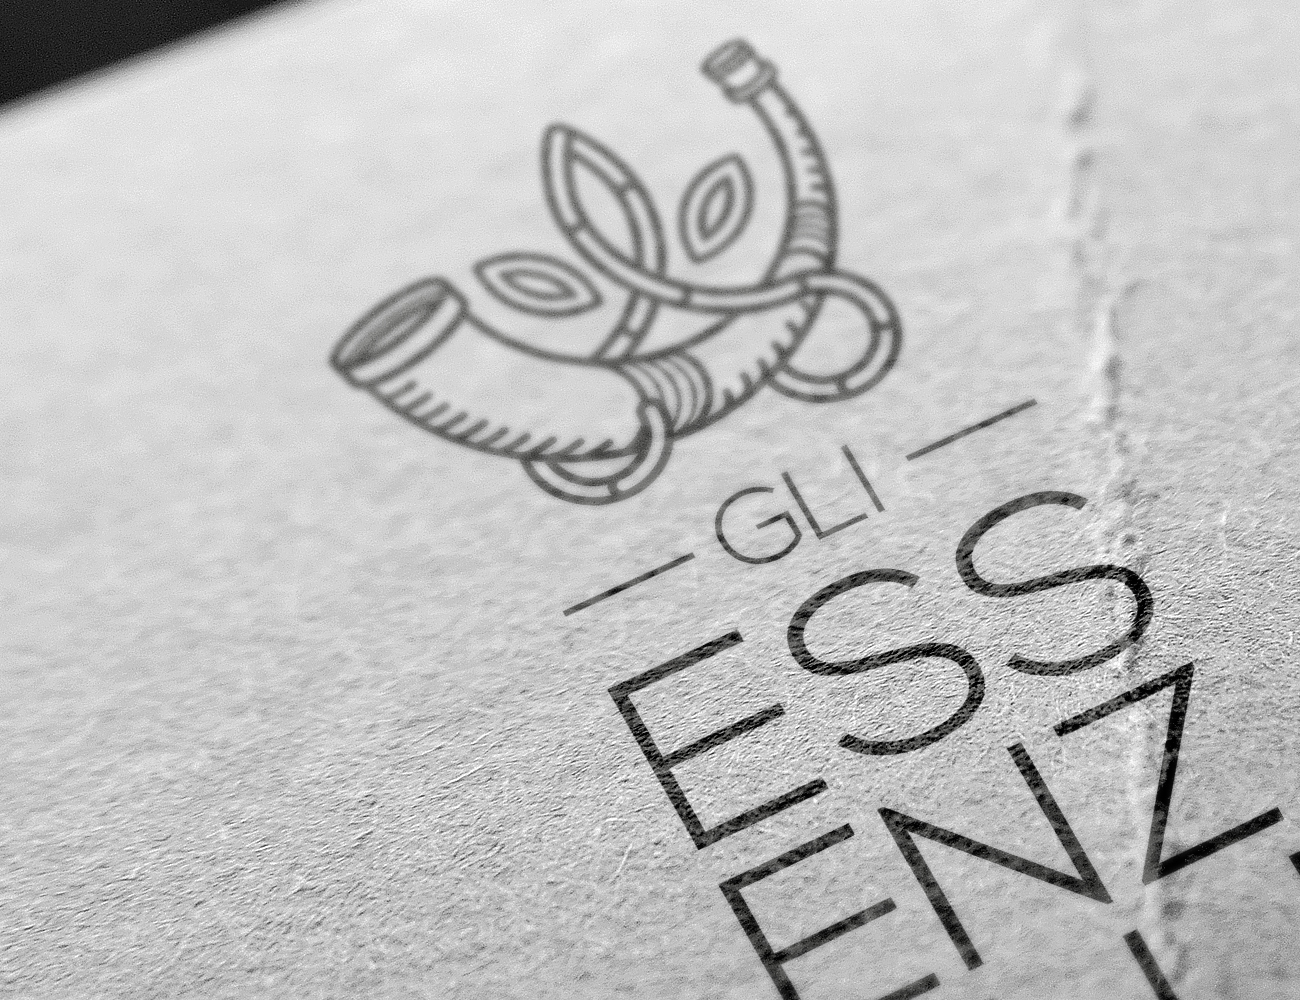 creazione-marchio-logo-gli-essenziali-cosmetica-simone-roveda-digit81-piacenza